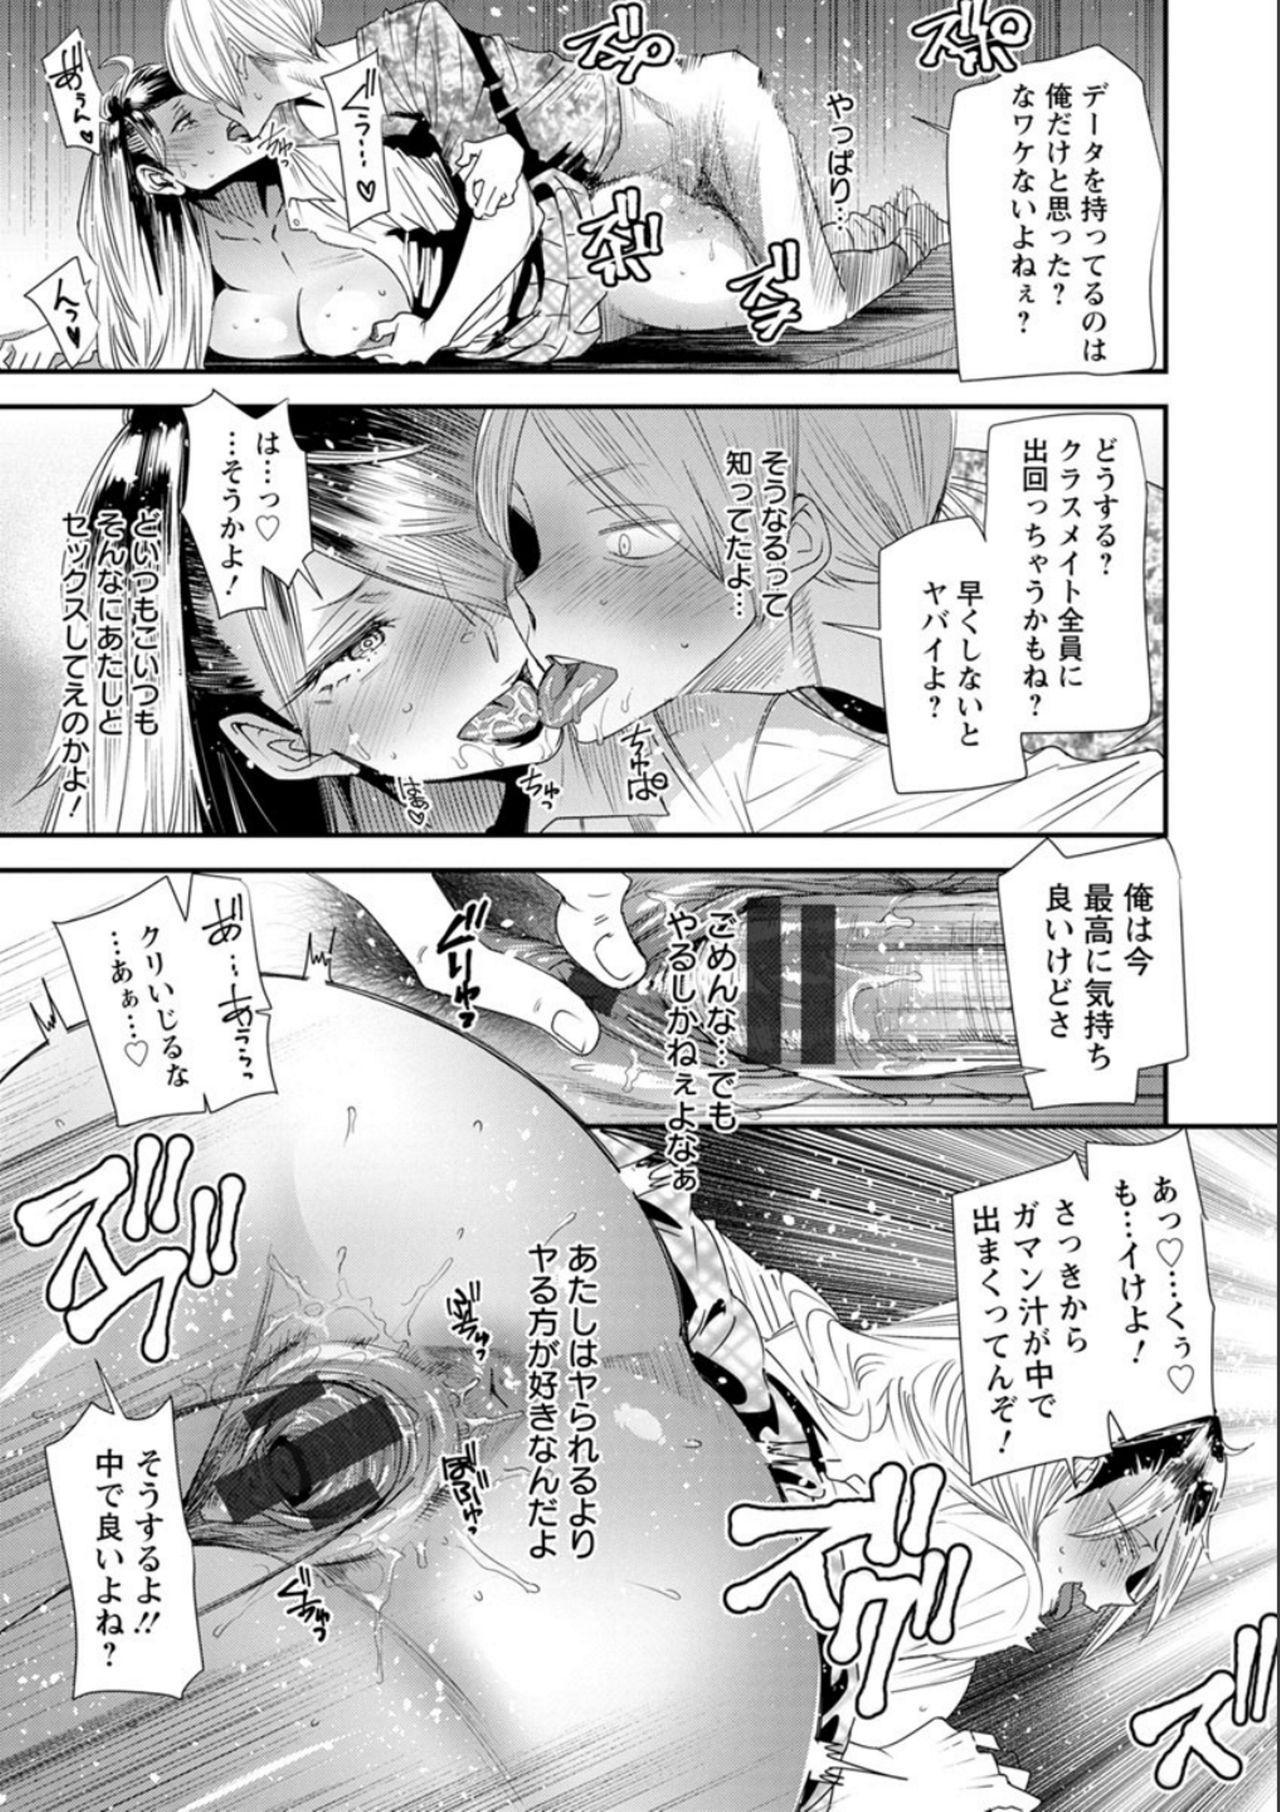 Nao's Secret 82